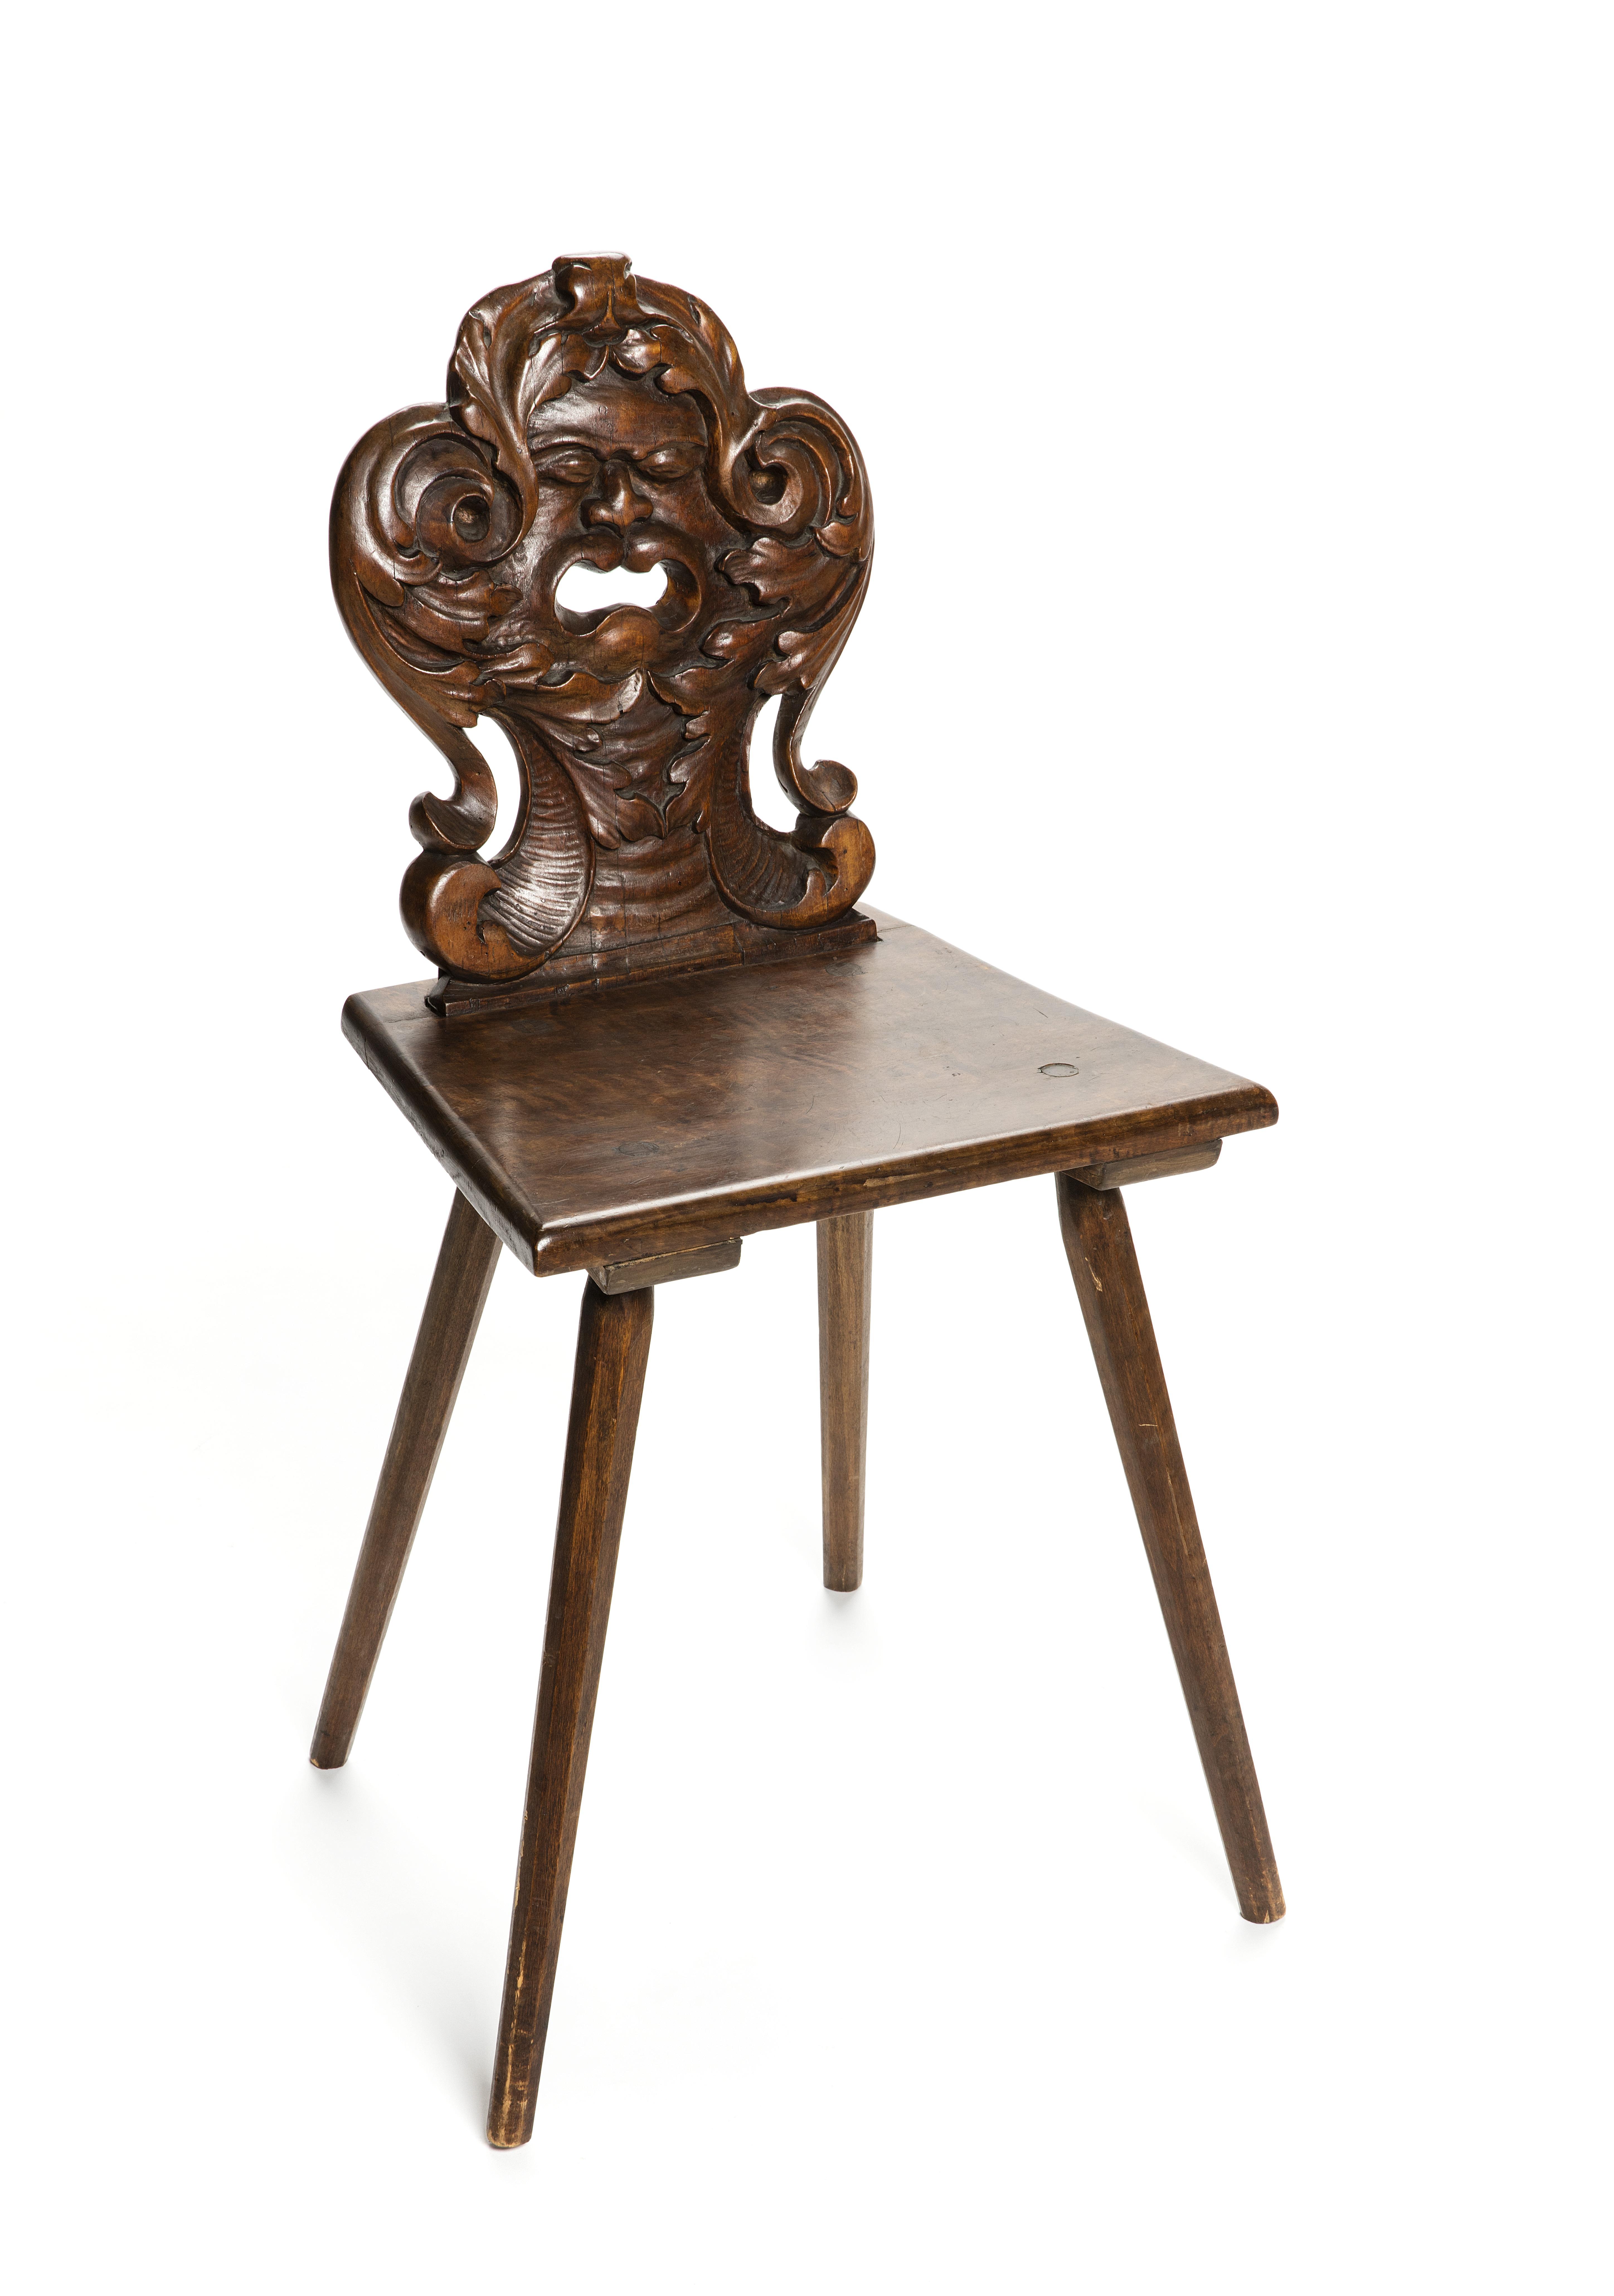 File Bonad och snidad stol med maskaron, 1600 tal Hallwylska museet 108415 tif Wikimedia